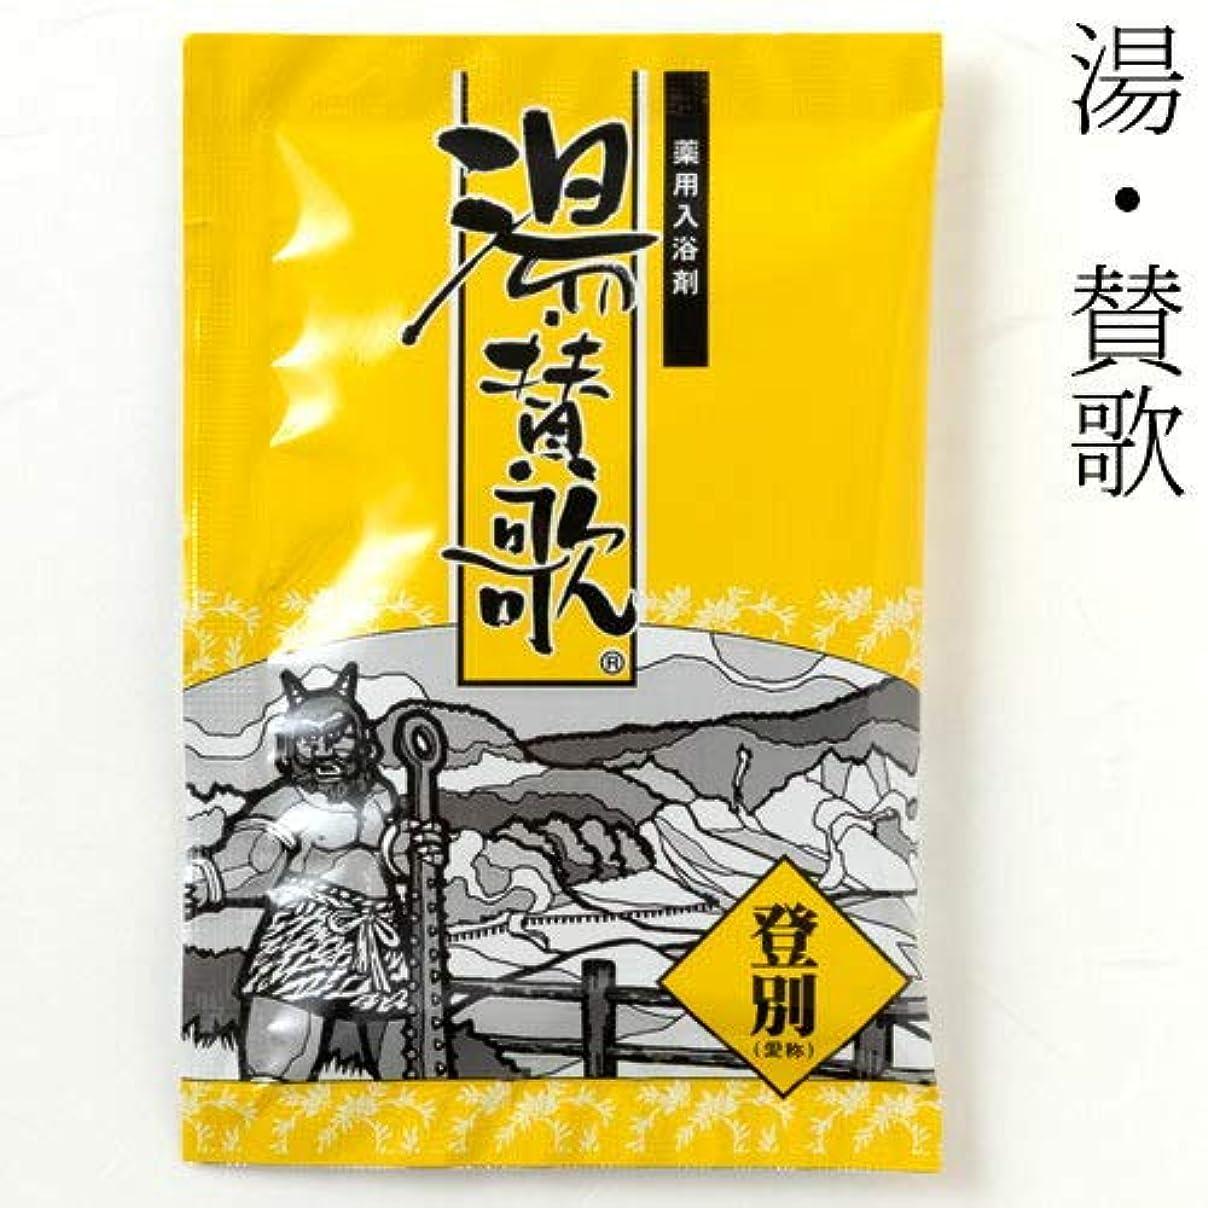 制限する届ける権威入浴剤湯?賛歌登別1包石川県のお風呂グッズBath additive, Ishikawa craft